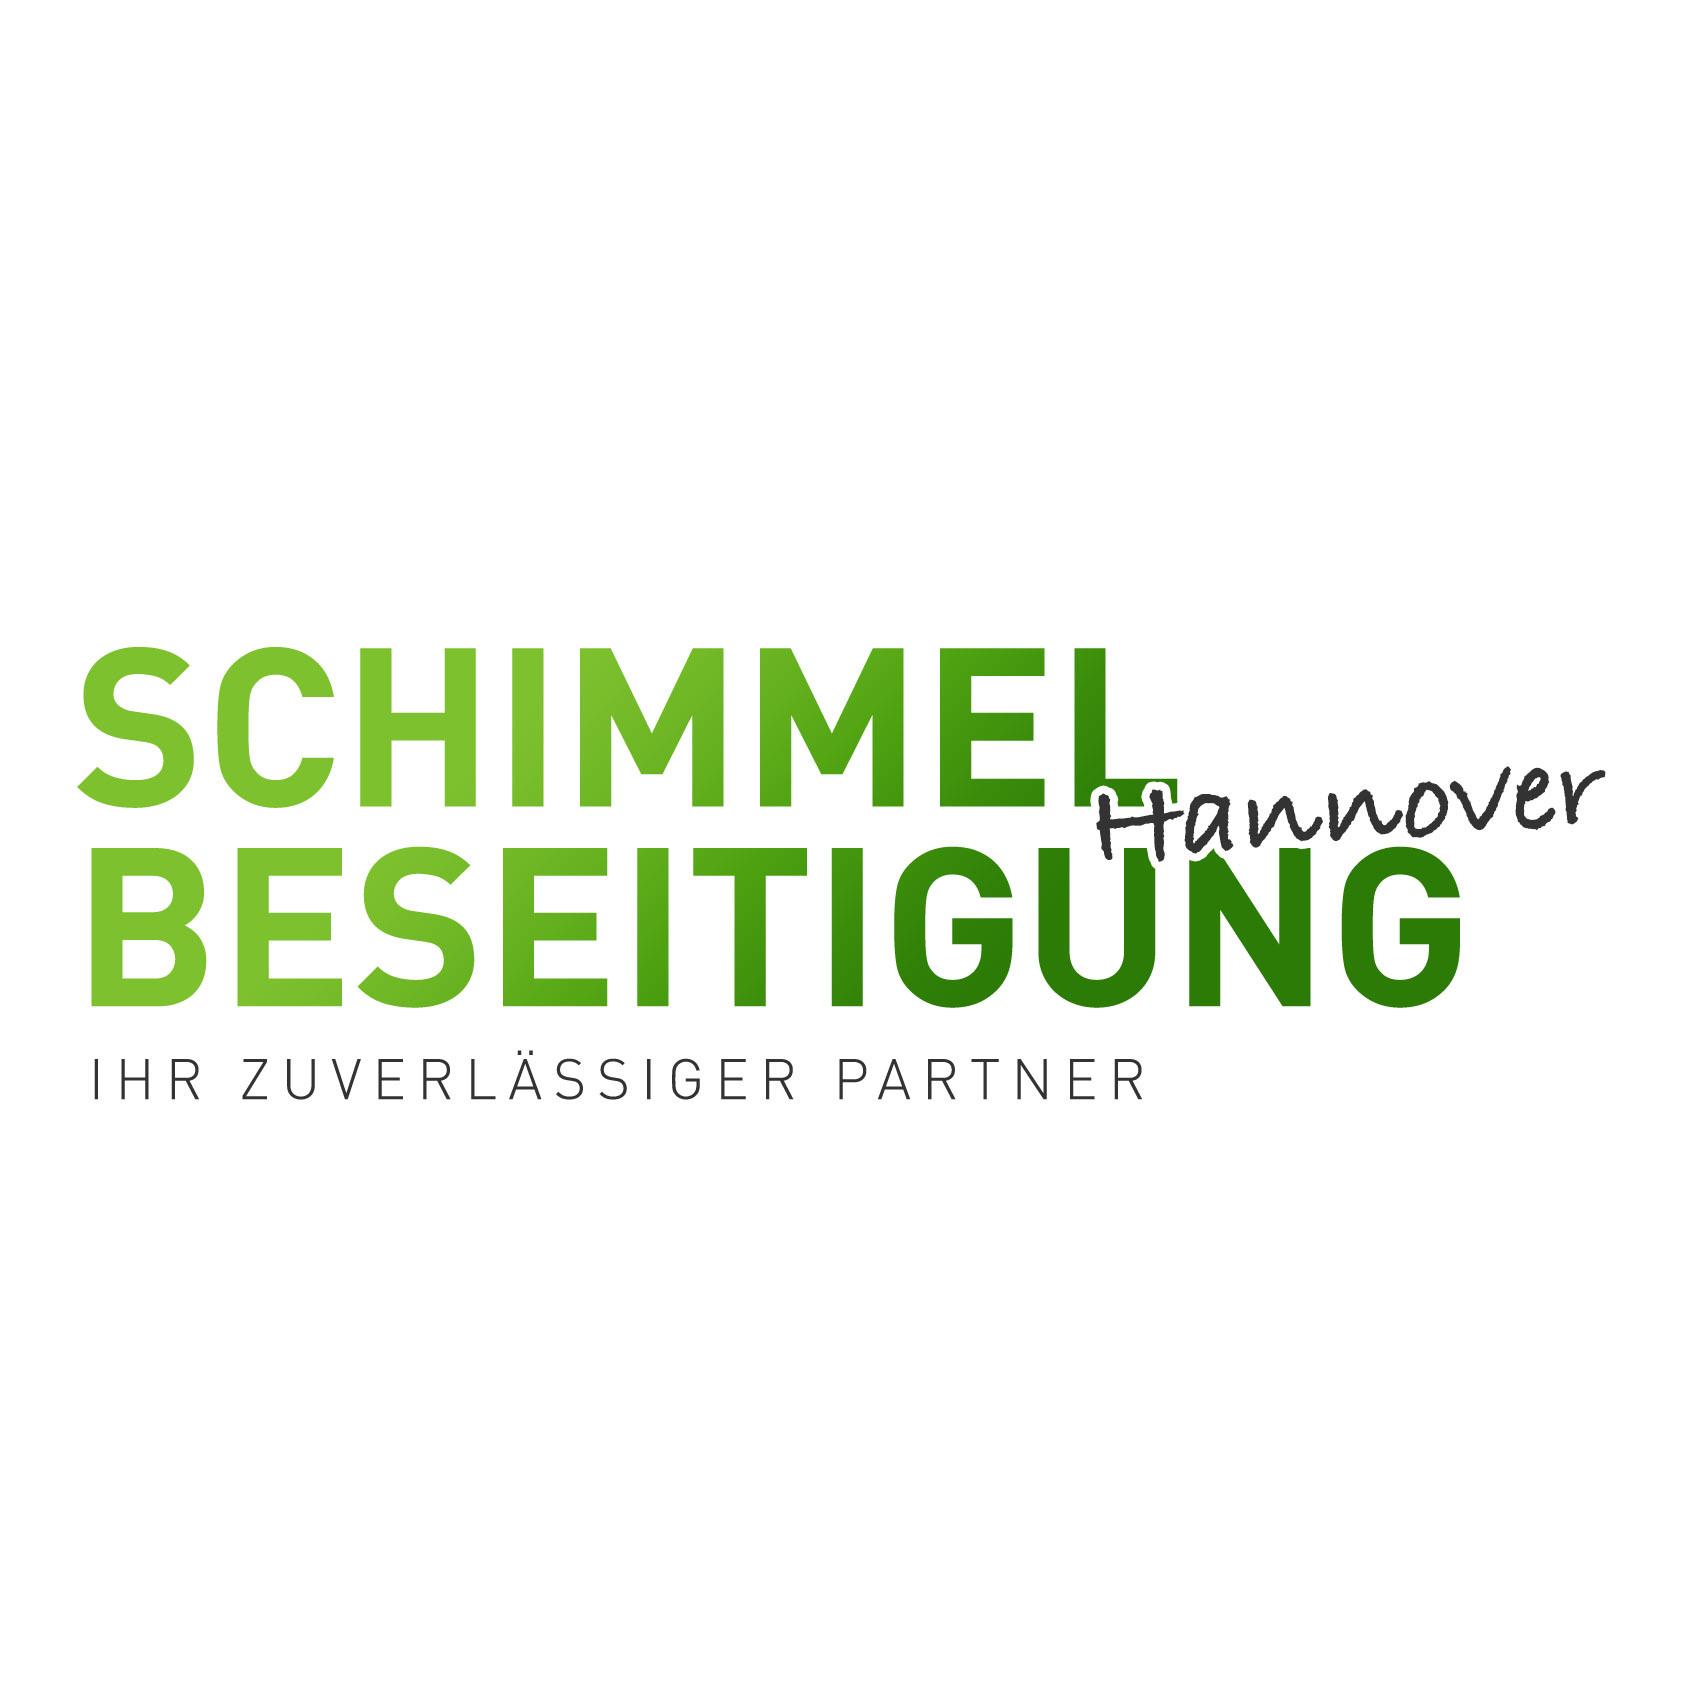 Schimmelbeseitigung Hannover